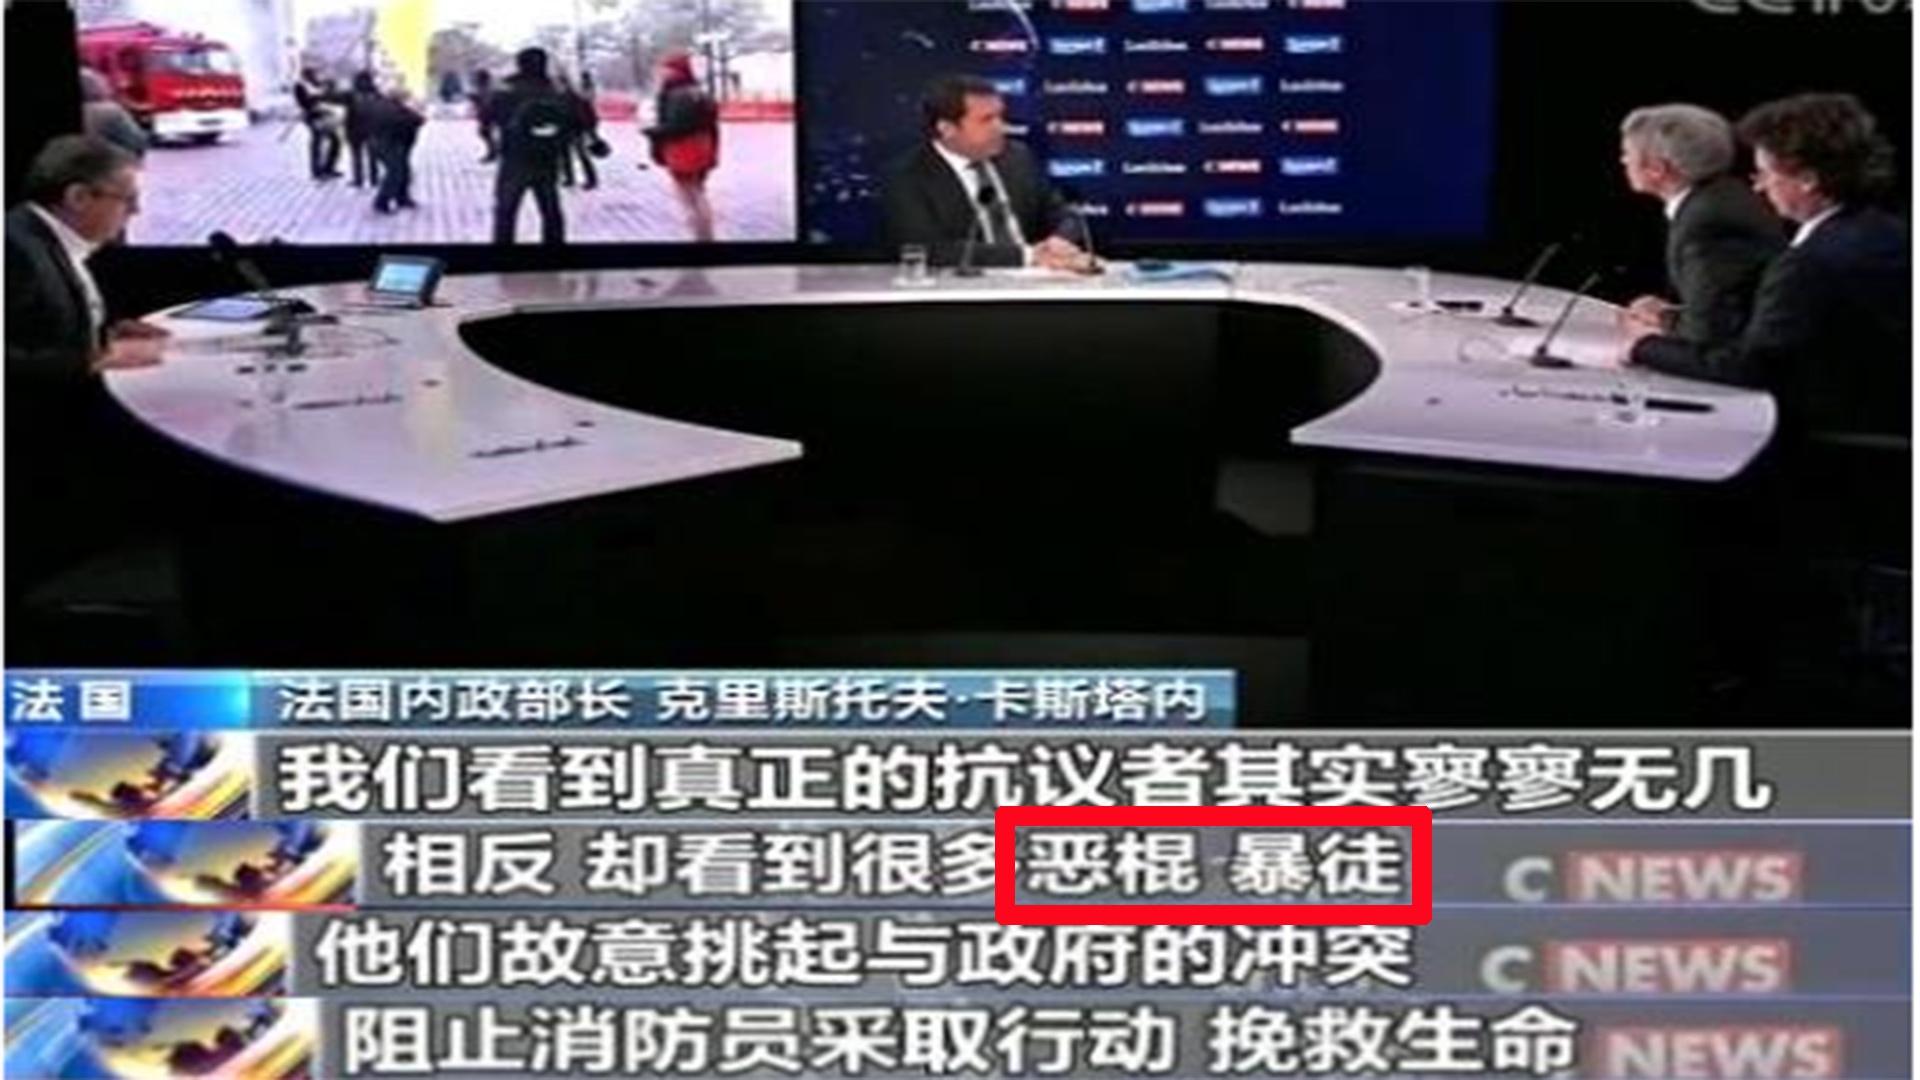 博e百集团 张国伟:希望王宇再多练几年 要不找谁报仇去